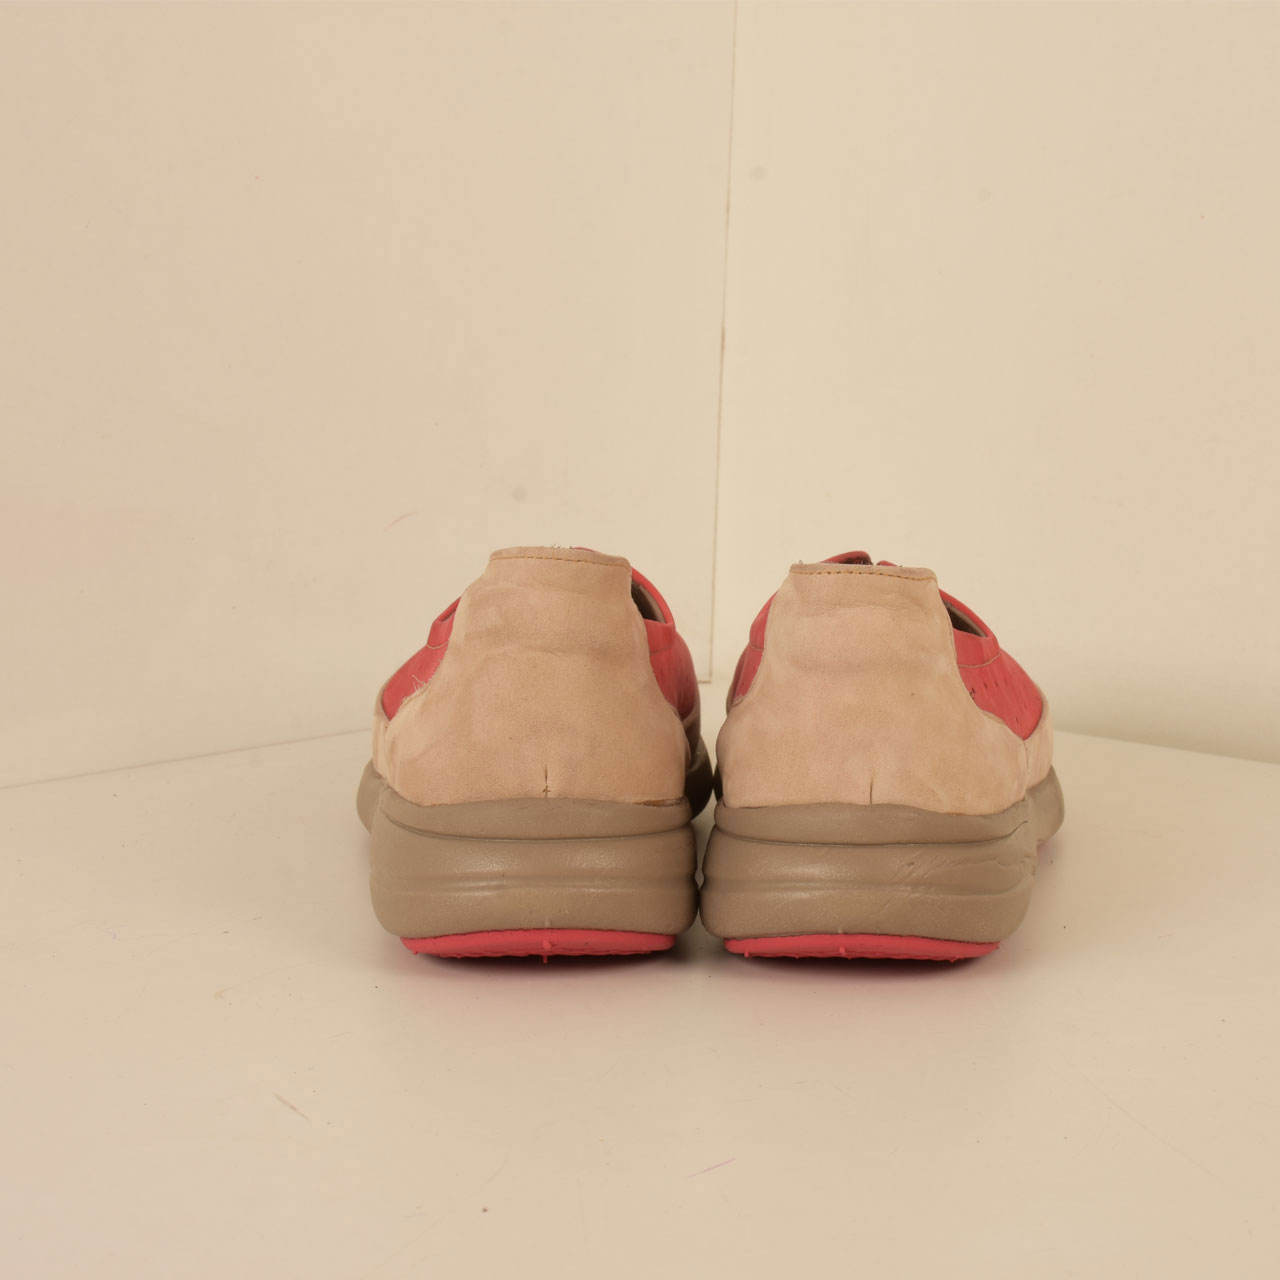 کفش روزمره زنانه پارینه چرم مدل SHOW4-2 main 1 2